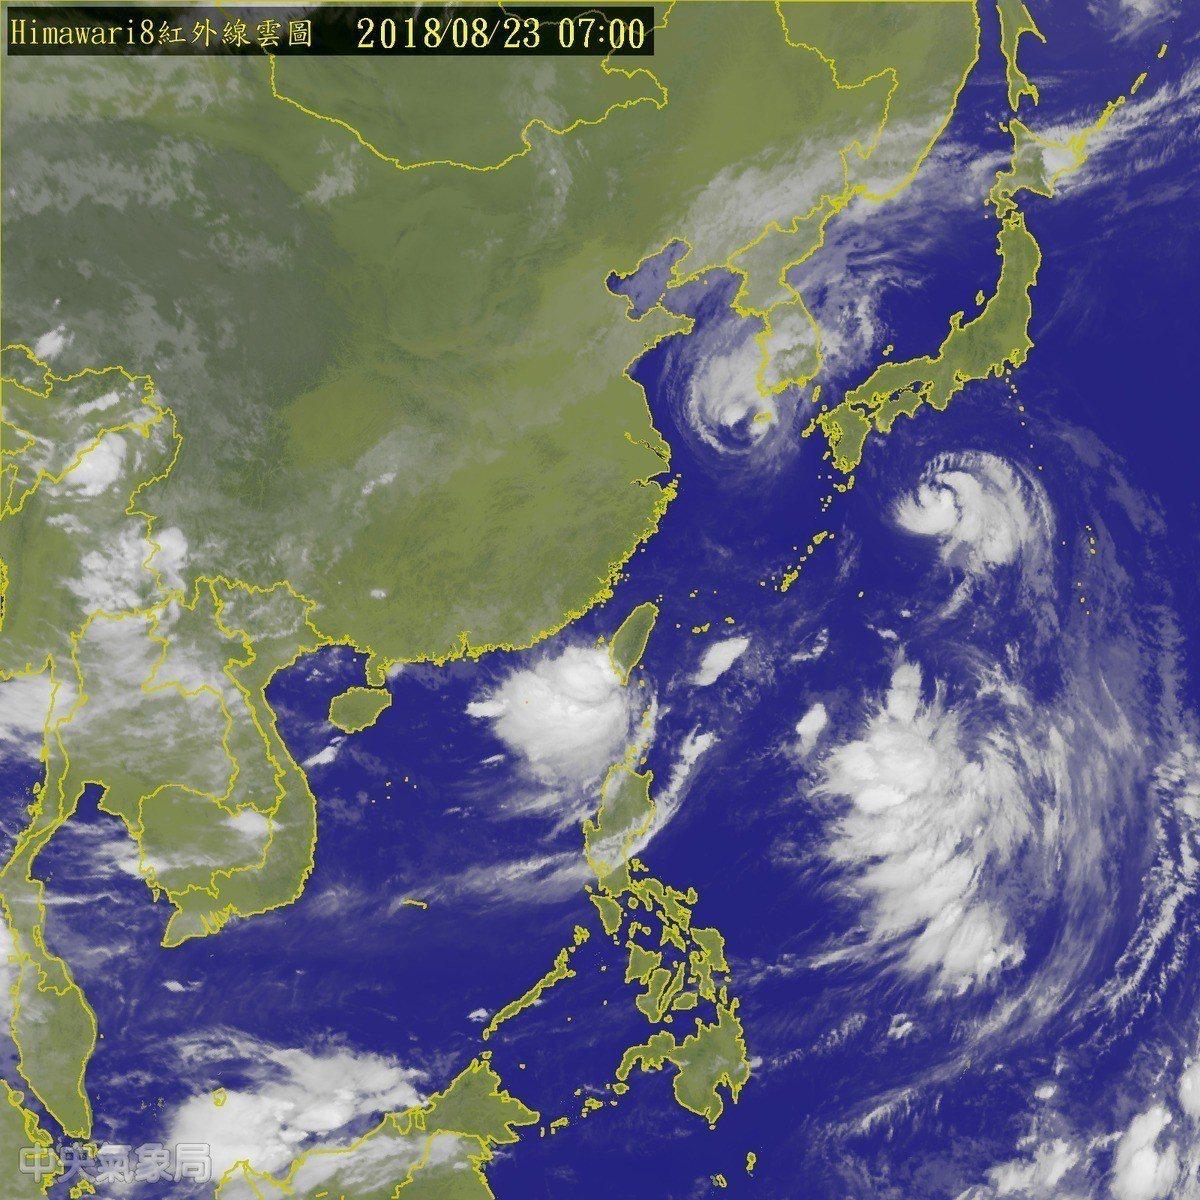 中央氣象局表示,高雄外海的熱帶性低氣壓,中心即將進入台灣陸地。圖/擷取自中央氣象...